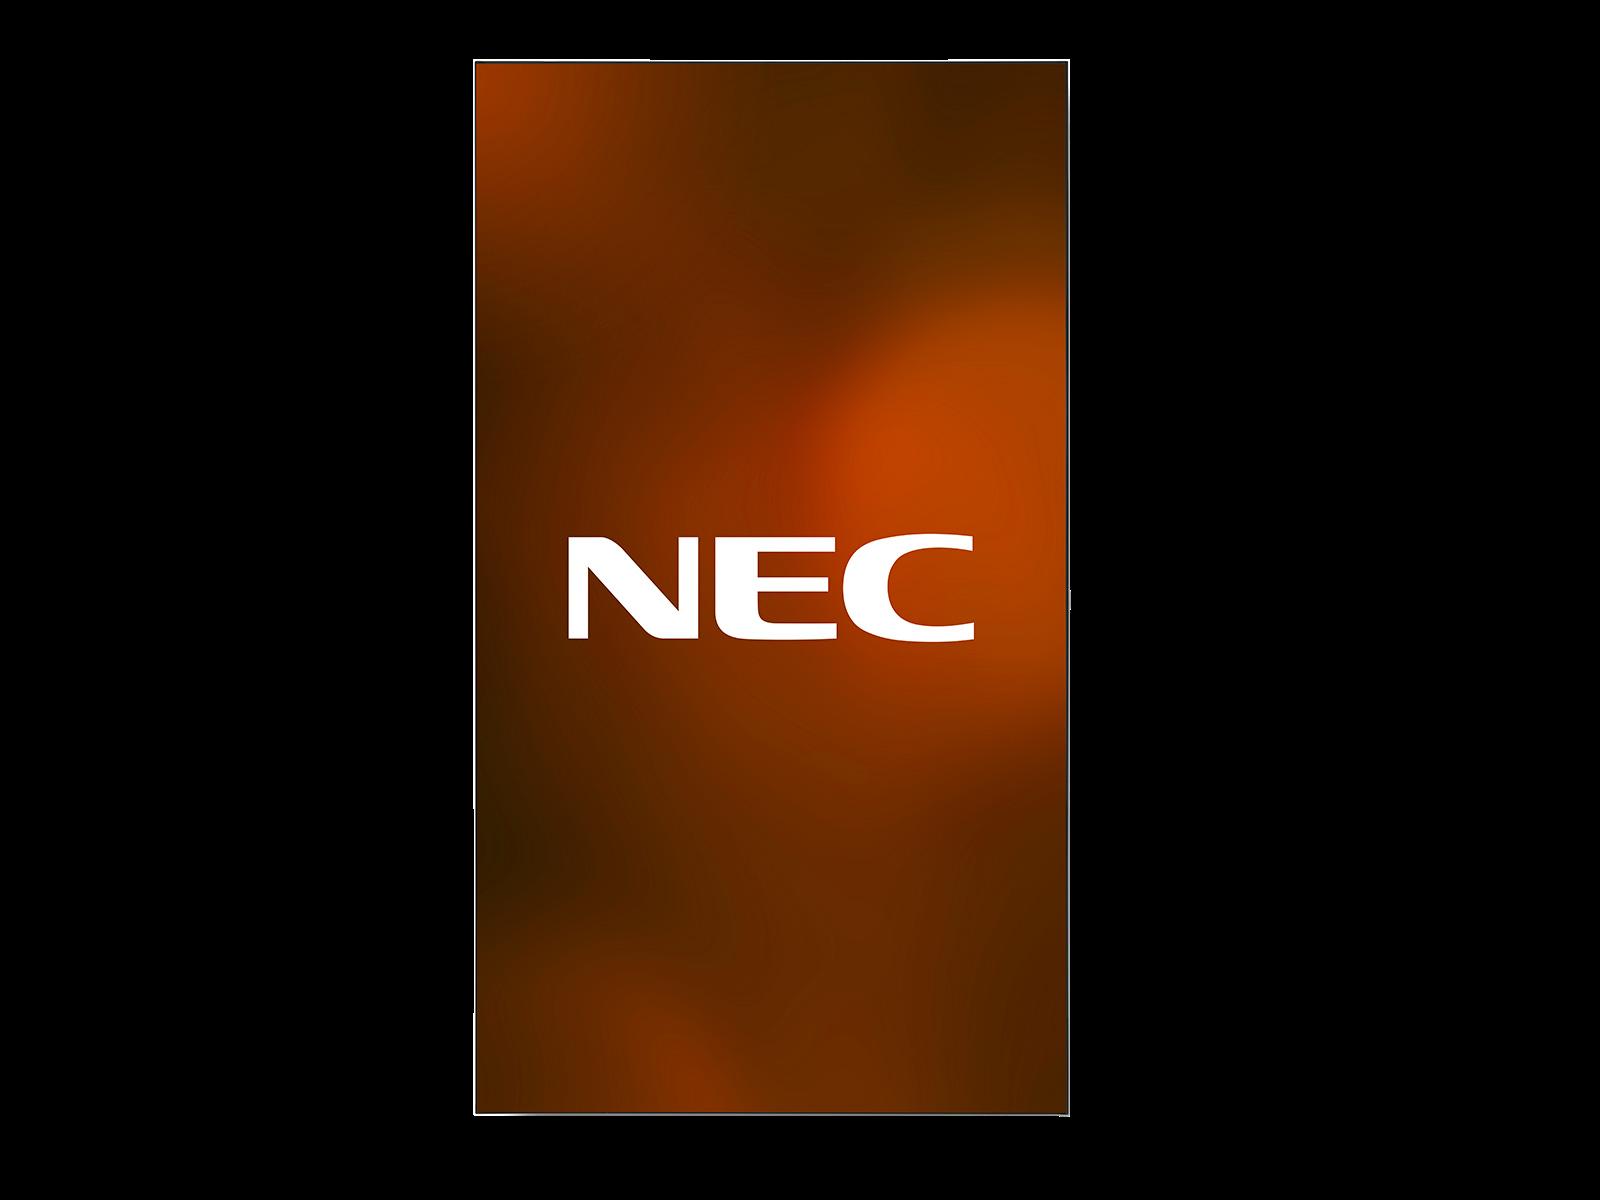 NEC_UN462A_HO_Port_content-logo_1600x1200-4